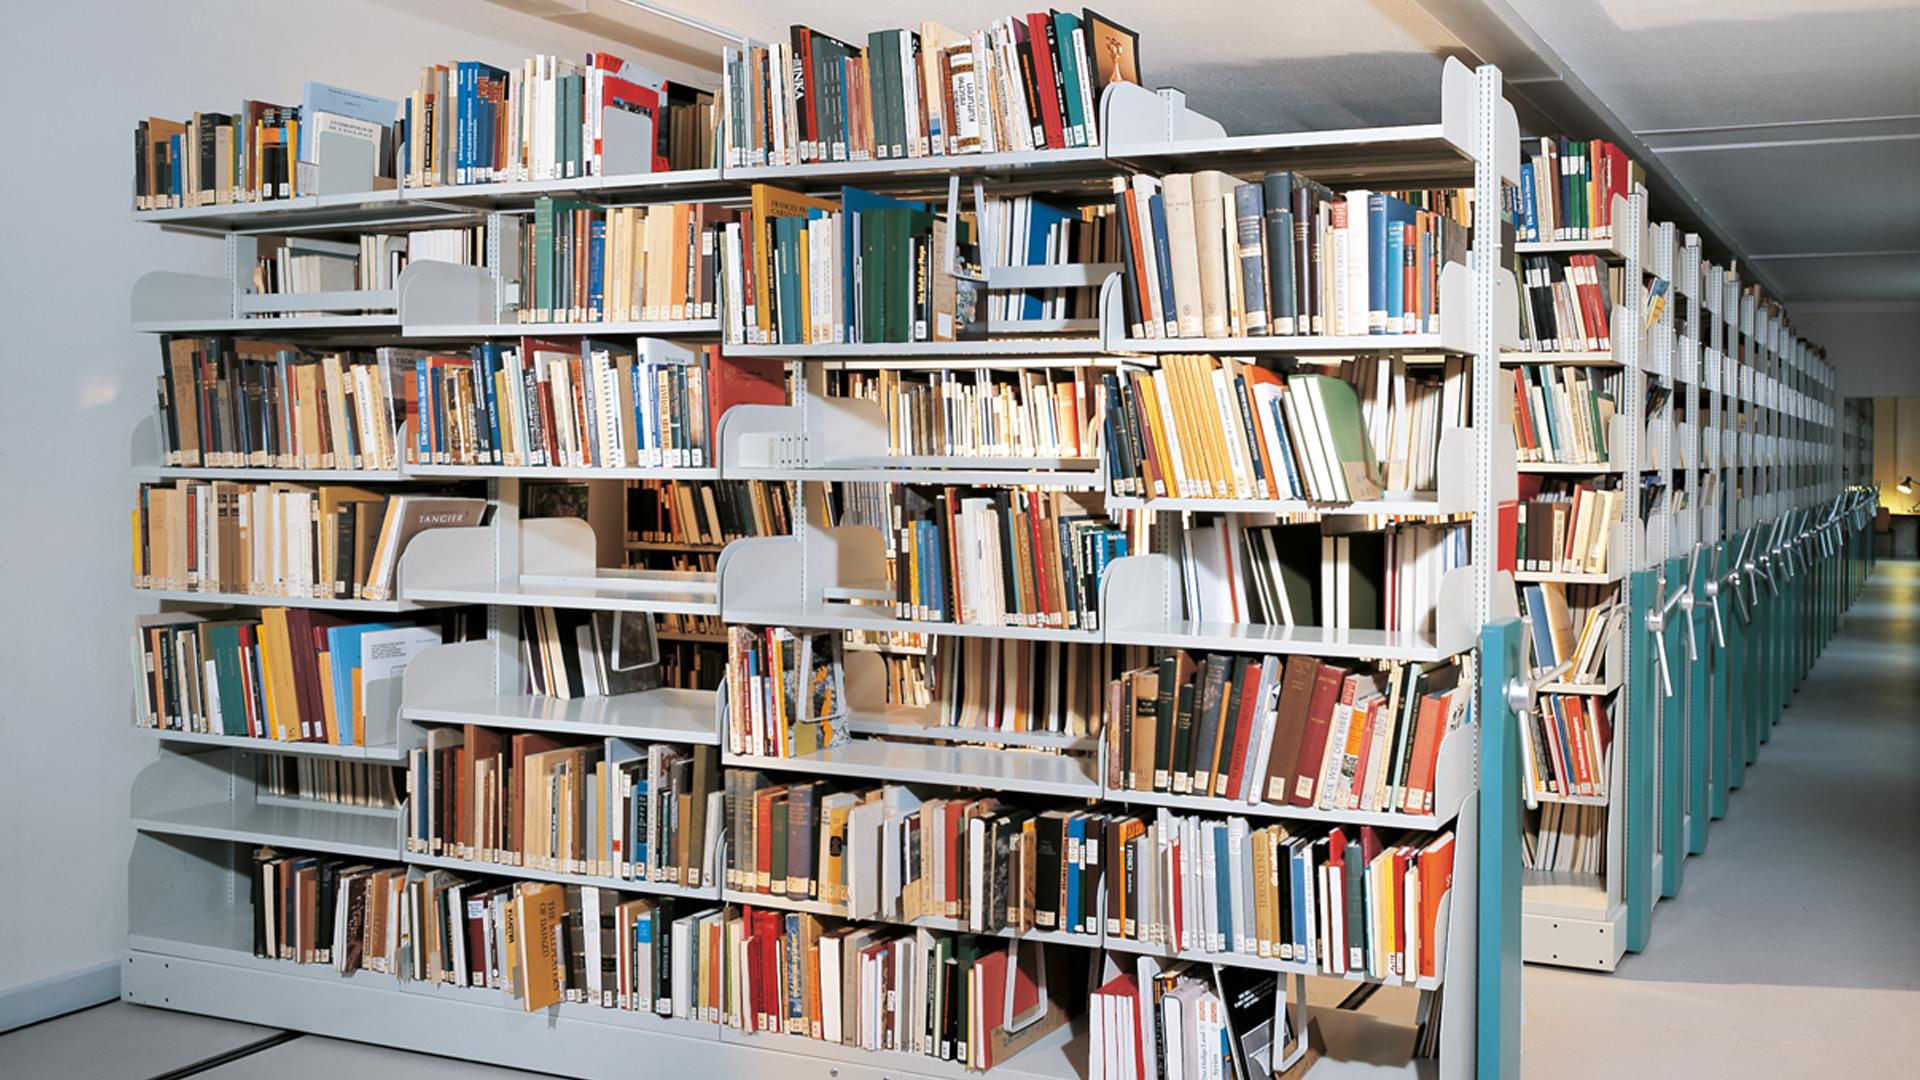 Rollregal-Magazin-Bibliothek-02-BRR-mauser-16-9